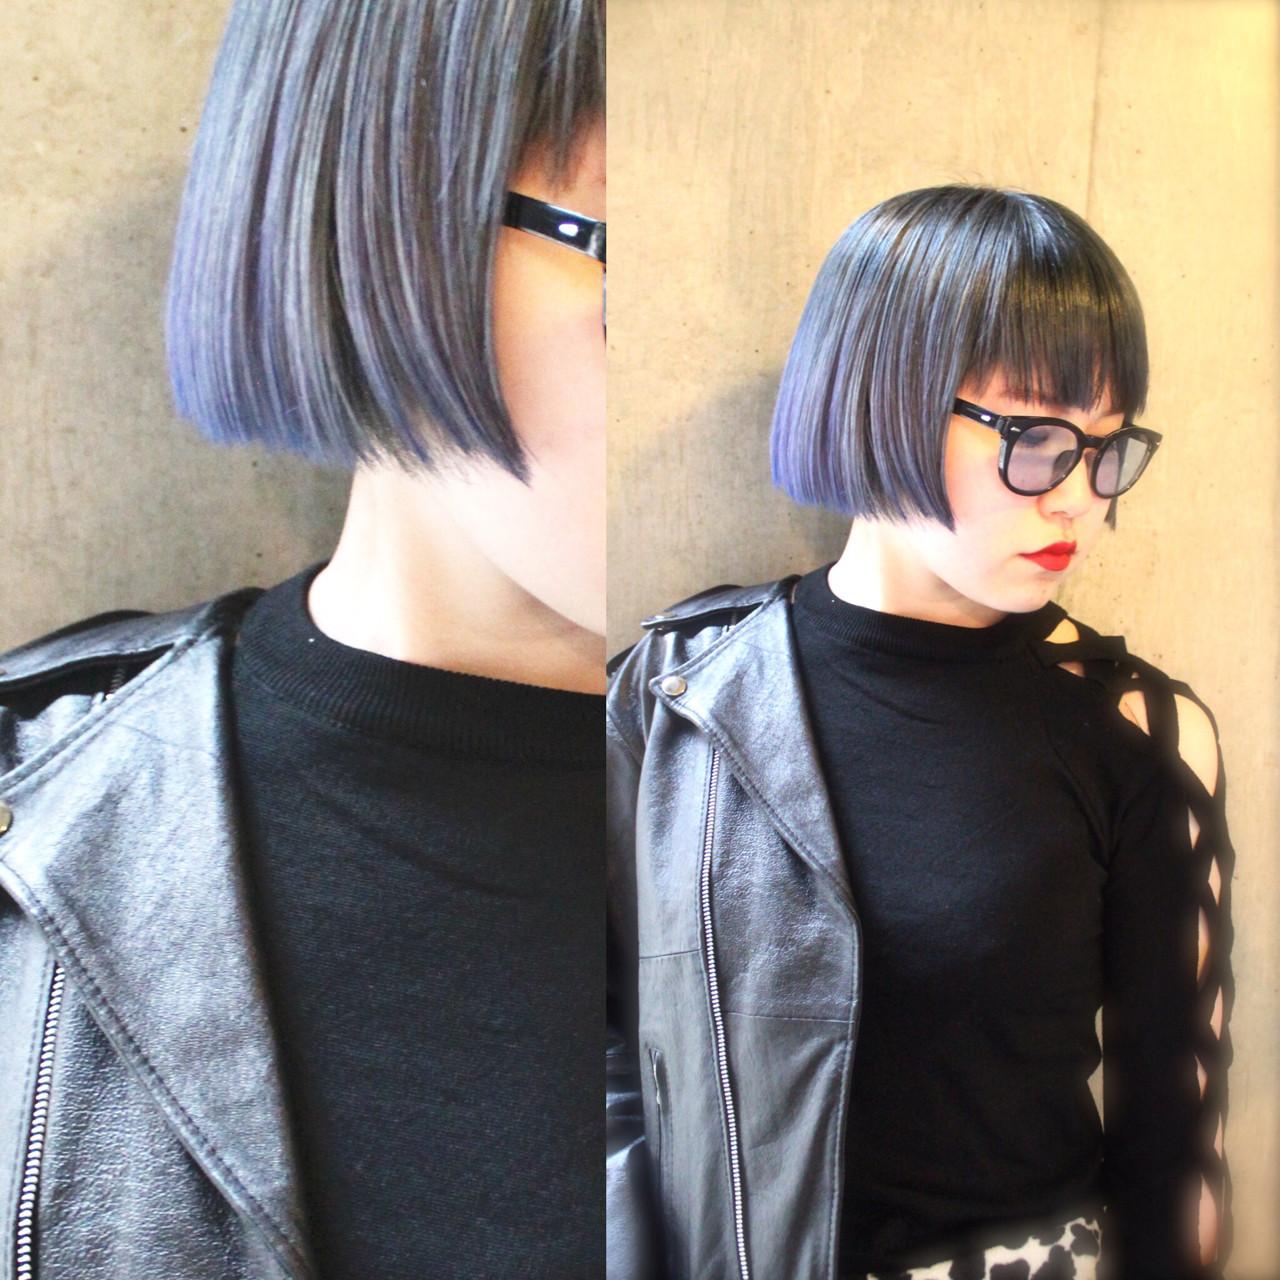 ストリート ボブ ブルーアッシュ アッシュグラデーション ヘアスタイルや髪型の写真・画像